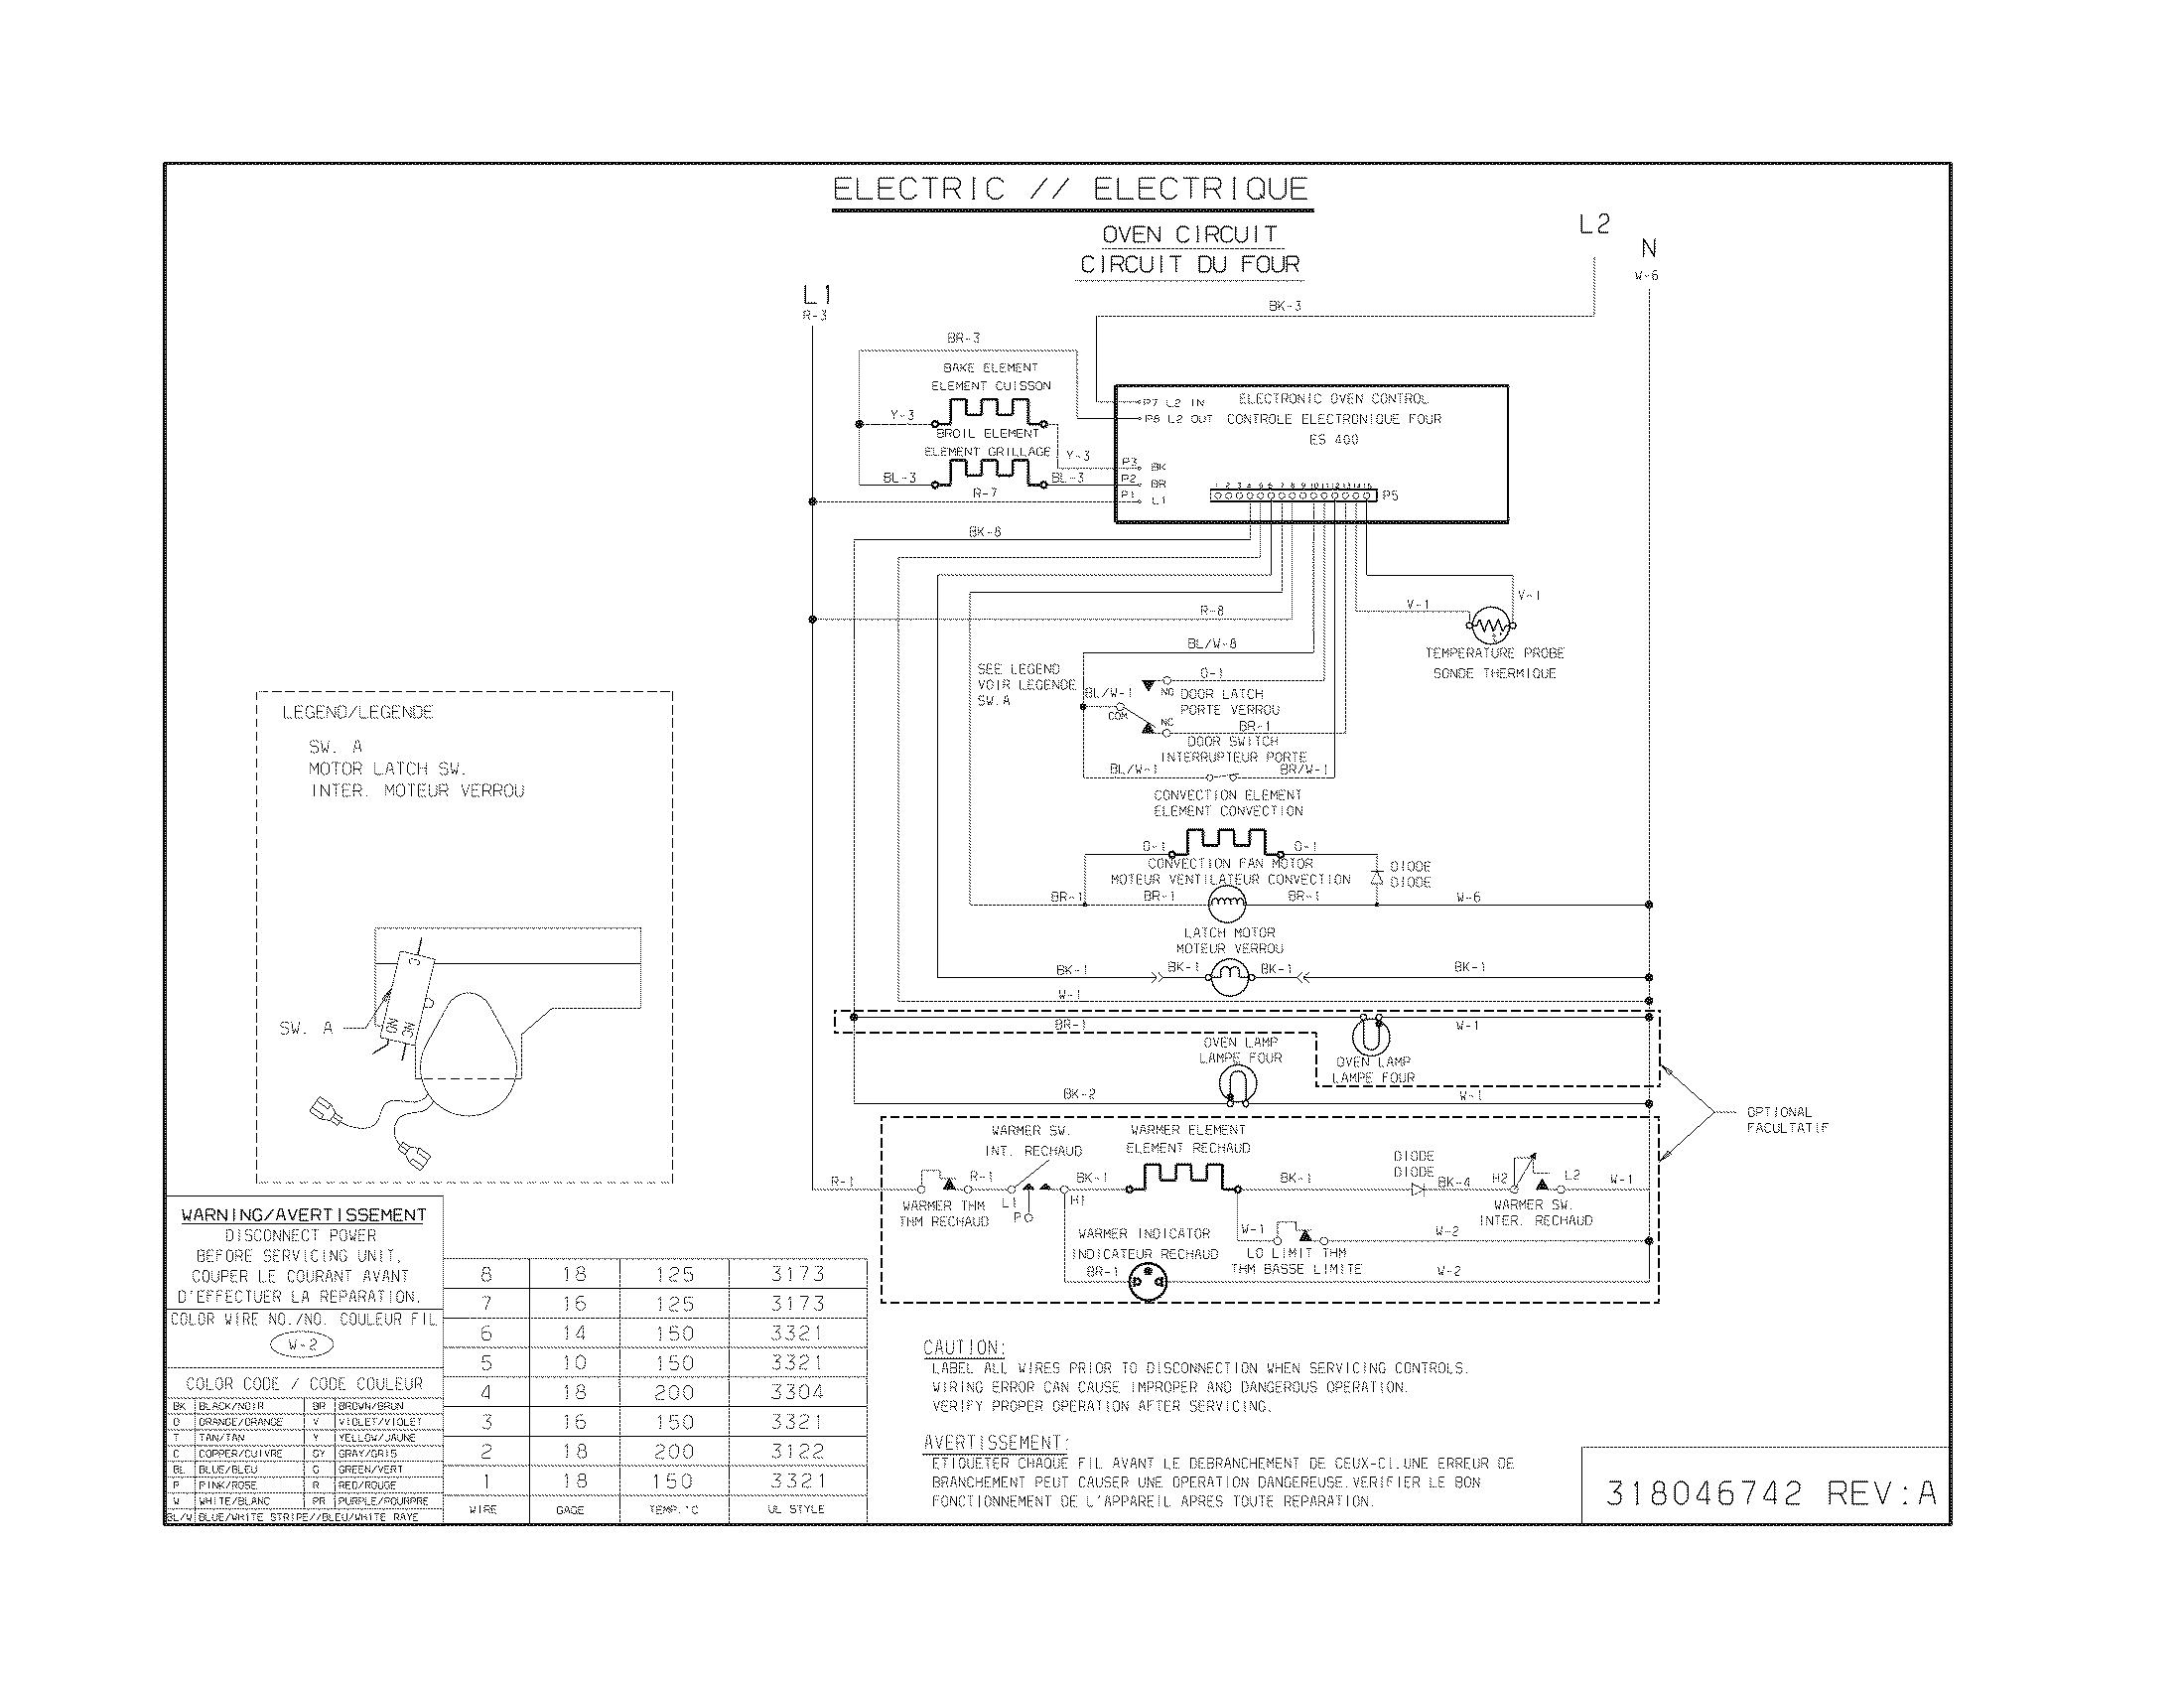 Kenstar Washing Machine Wiring Diagram 1982 Club Car Golf Cart Battery Wiring Diagram For Wiring Diagram Schematics